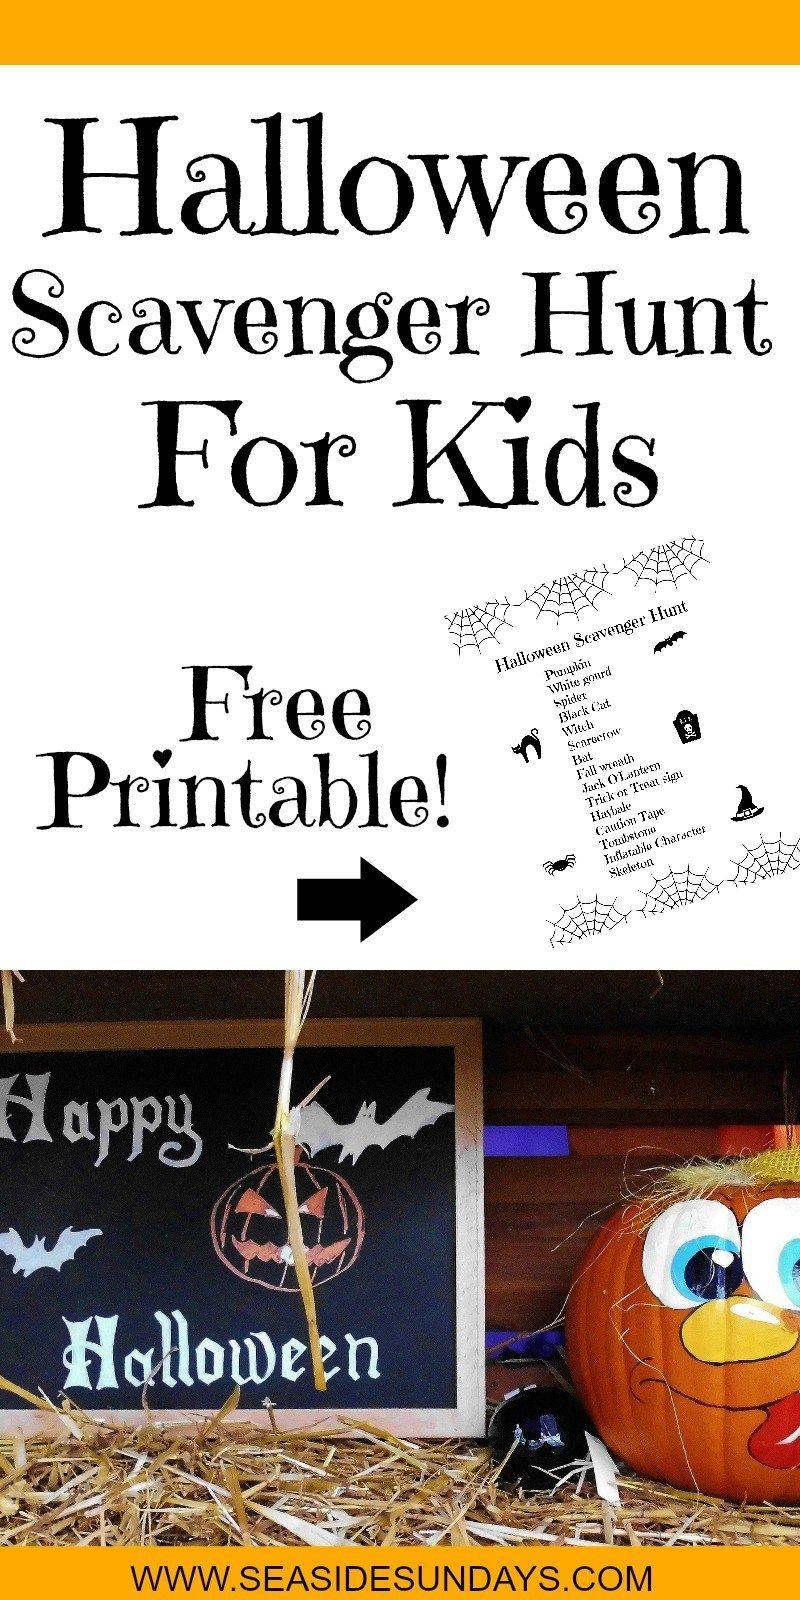 Halloween Scavenger Hunt For Kids (Free Printable) | Party - Free Printable Halloween Scavenger Hunt